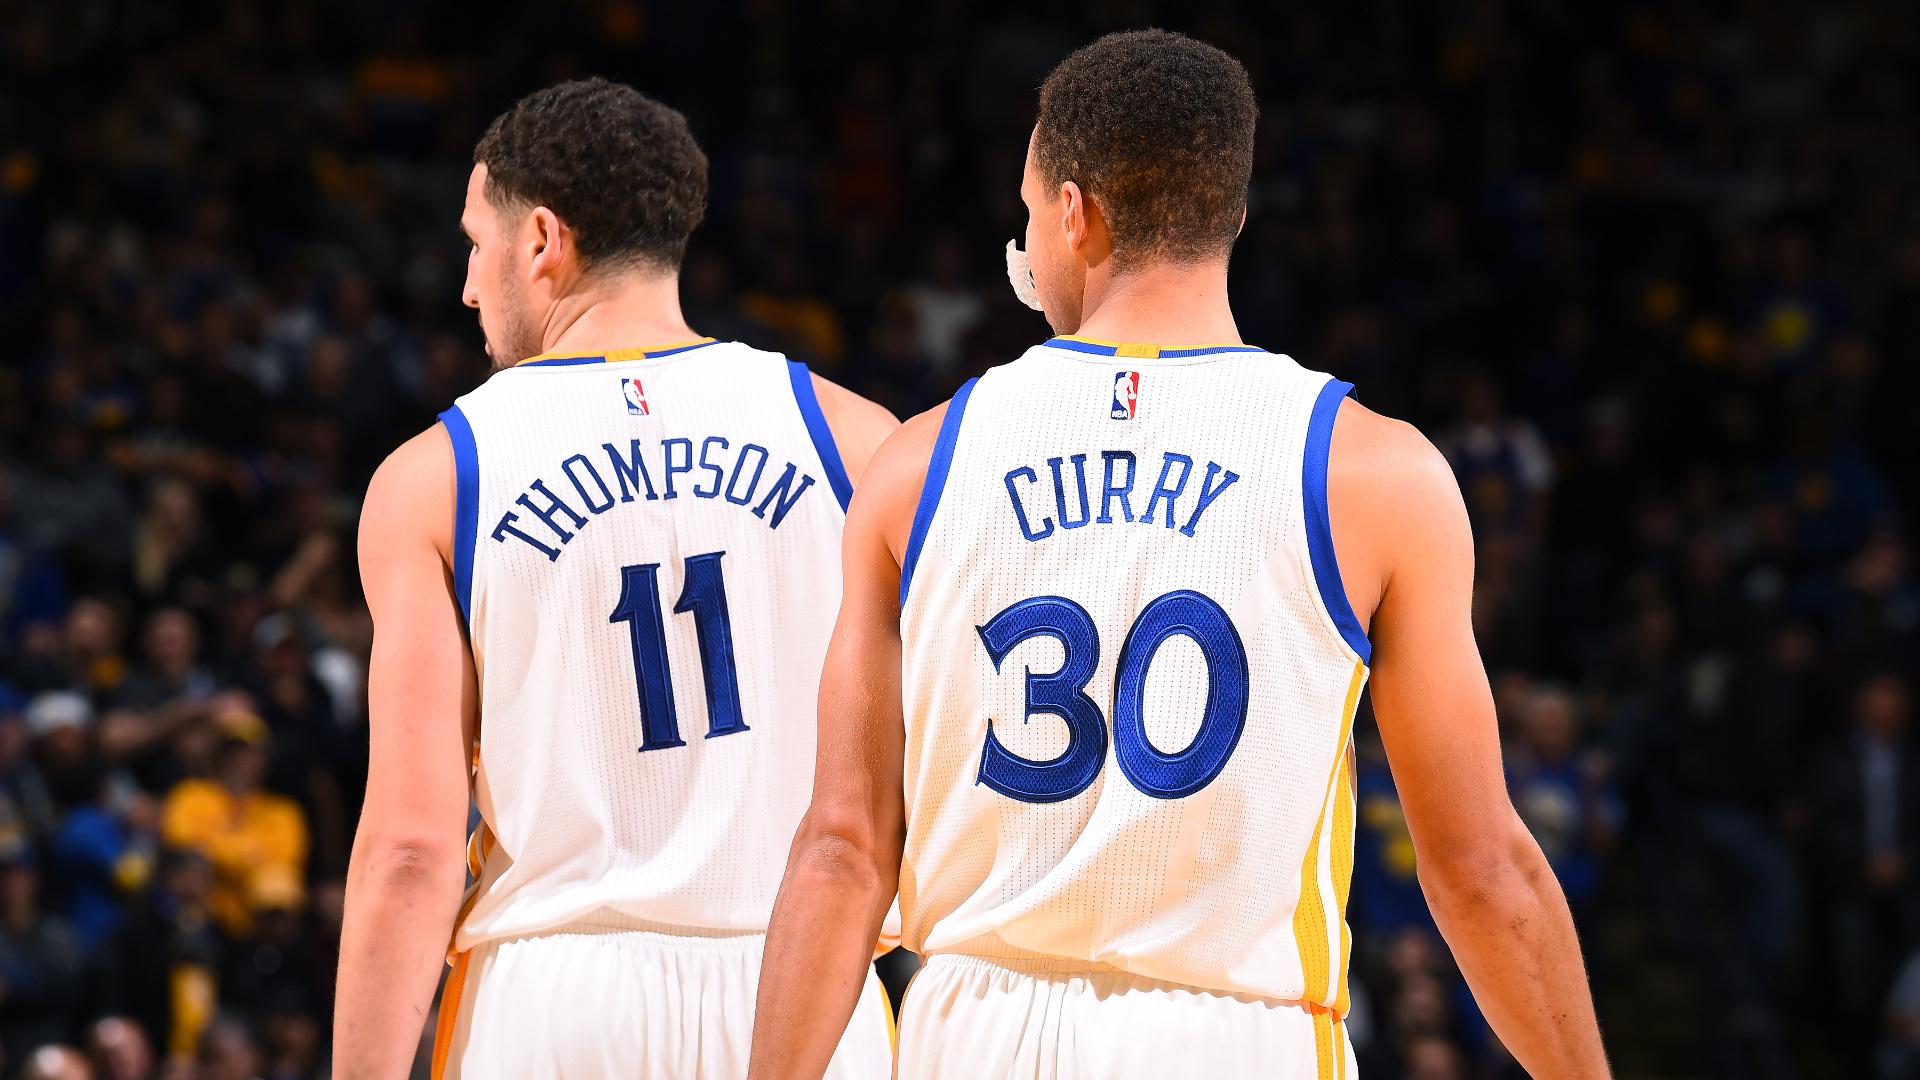 勇士邁向王朝的關鍵運作:在球迷的噓聲中送走老大Ellis,扶正Curry,培養湯普森!-籃球網